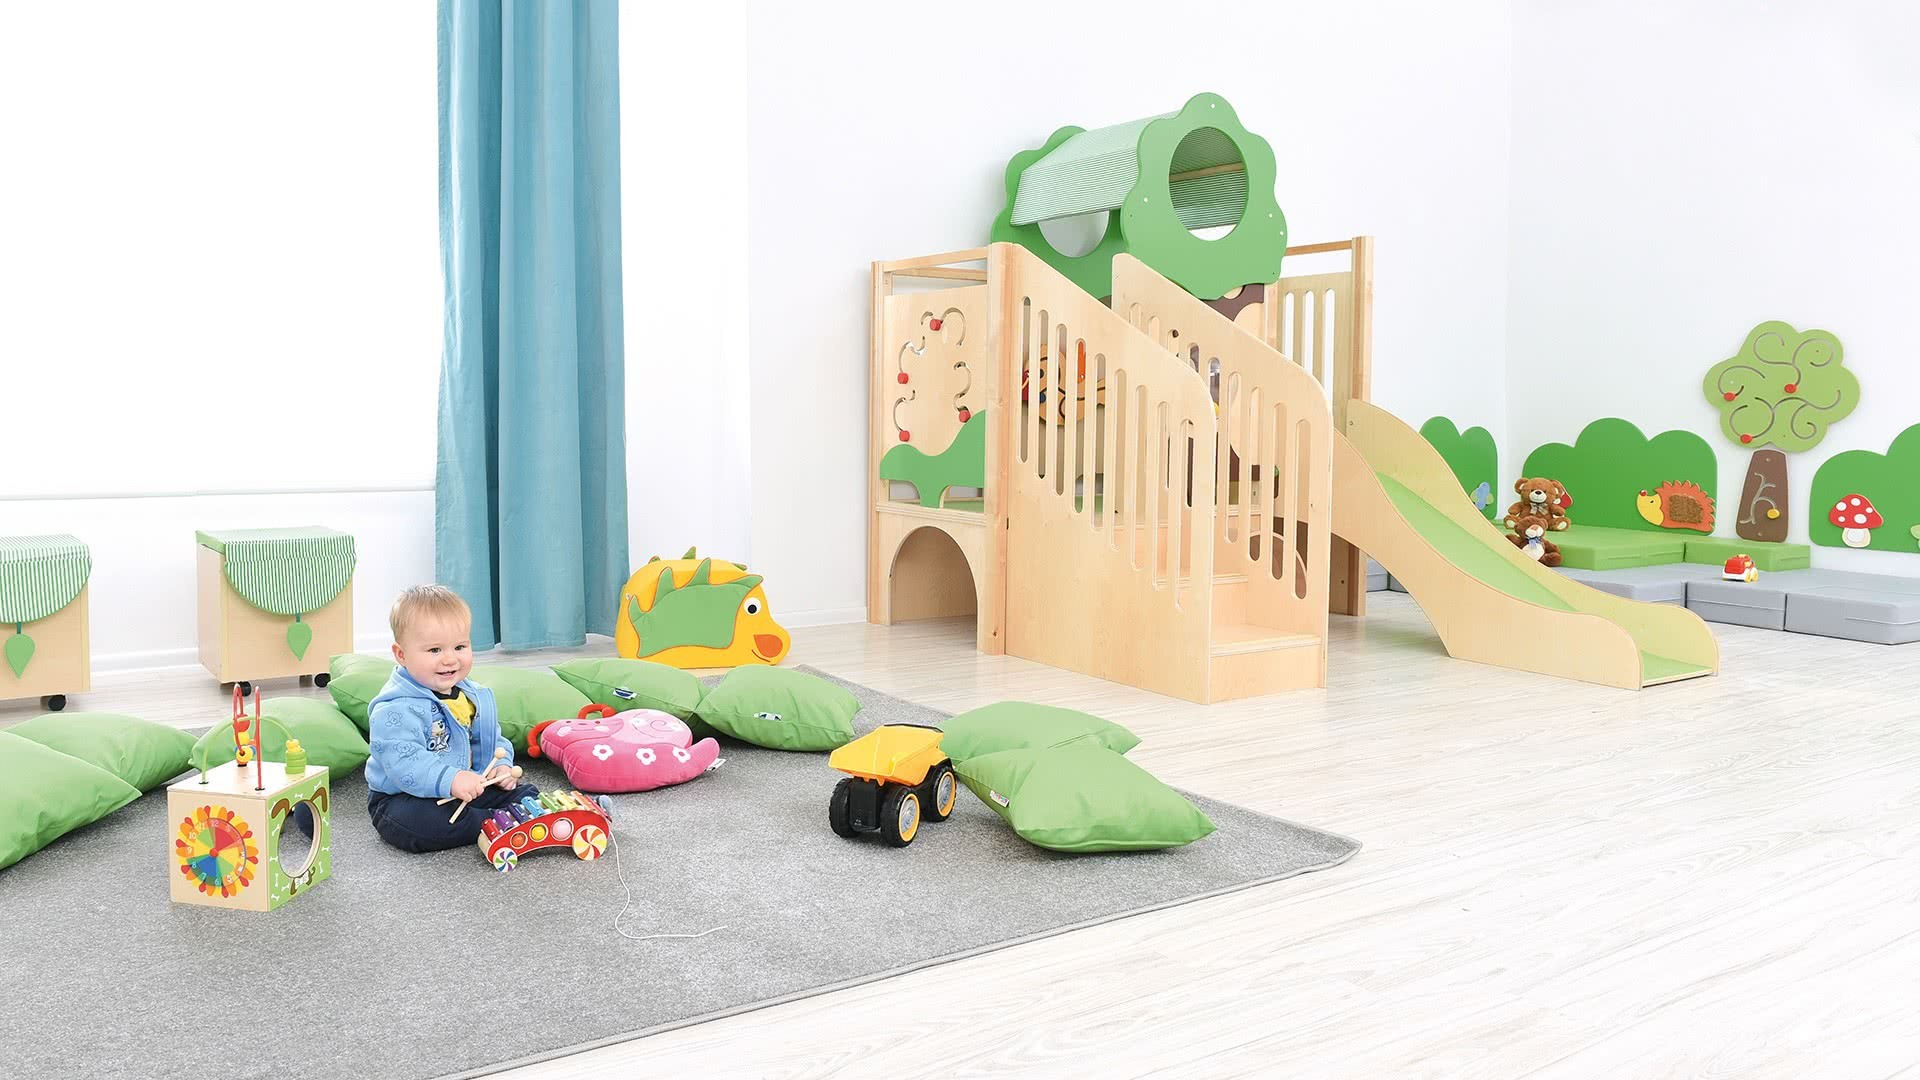 Meuble De Rangement Pour Garderie kidea international - créateur d'espaces enfants - kidea